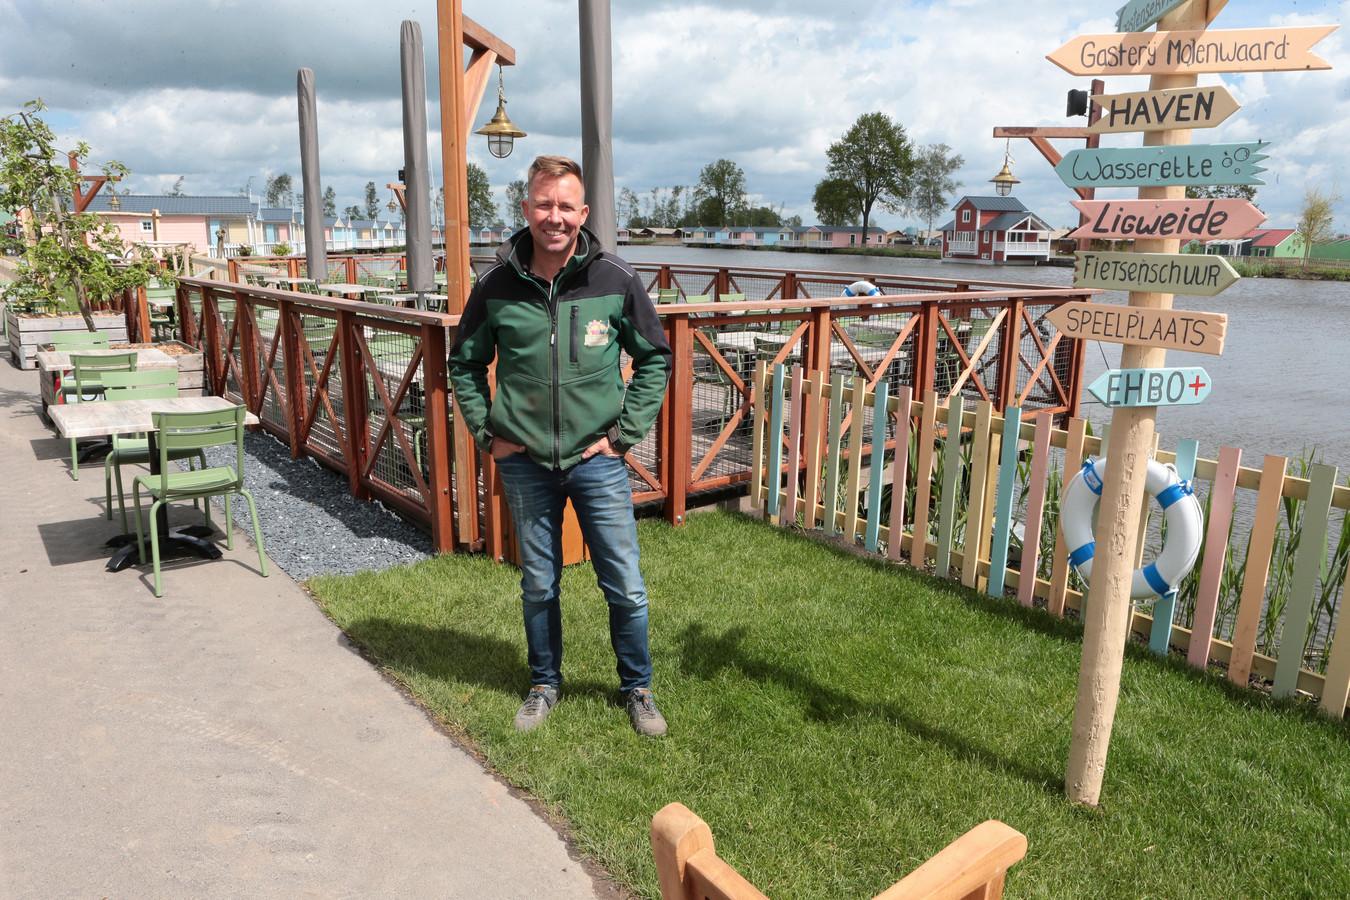 Eigenaar Michael van Hoorne is trots op Vakantiepark Molenwaard. Het restaurant en het terras zijn straks ook voor niet-gasten toegankelijk.